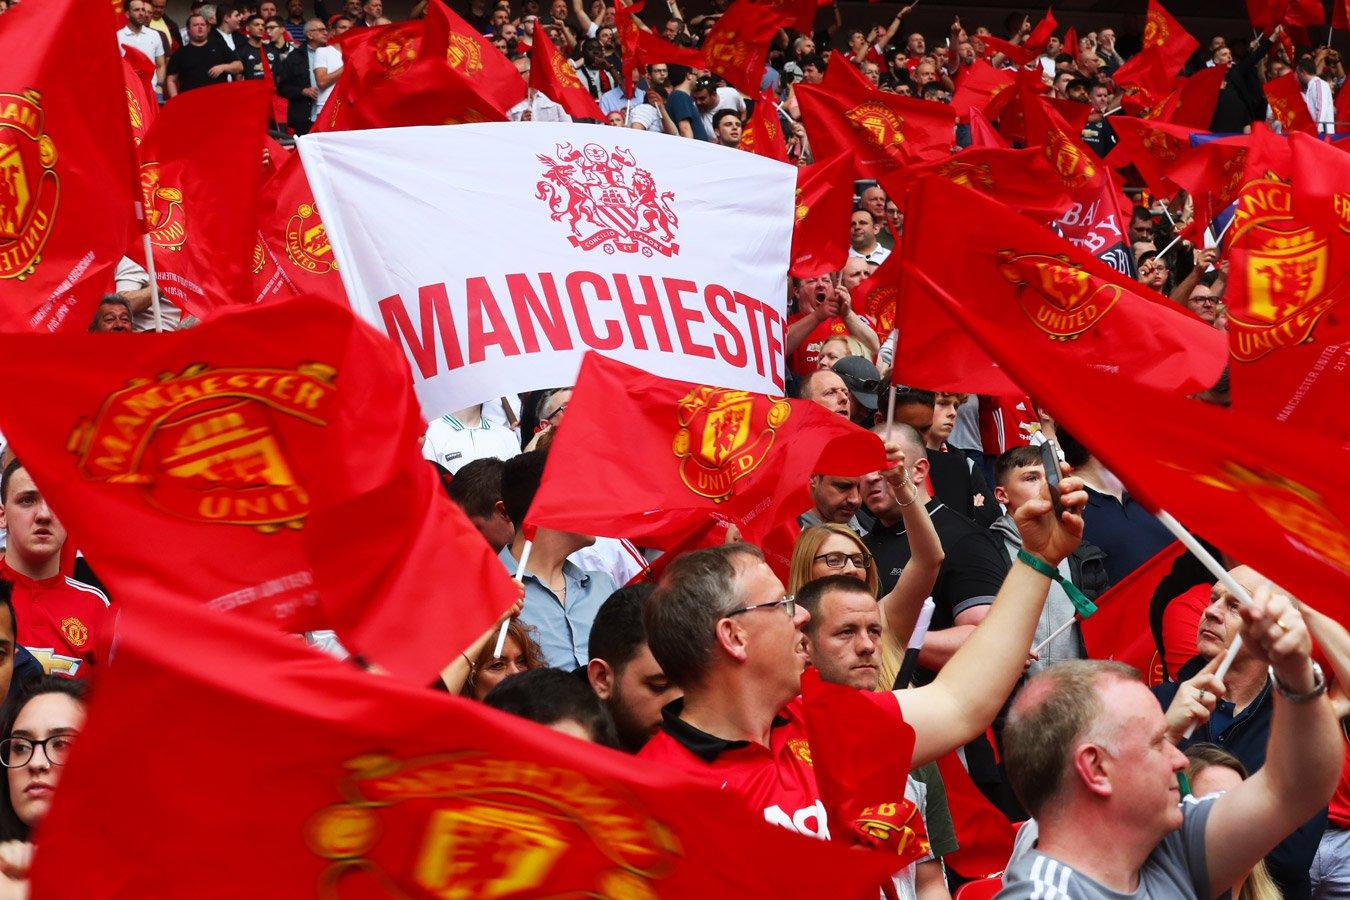 Болельщики «Манчестер Юнайтед» прорвались на поле перед матчем с «Ливерпулем». Фото